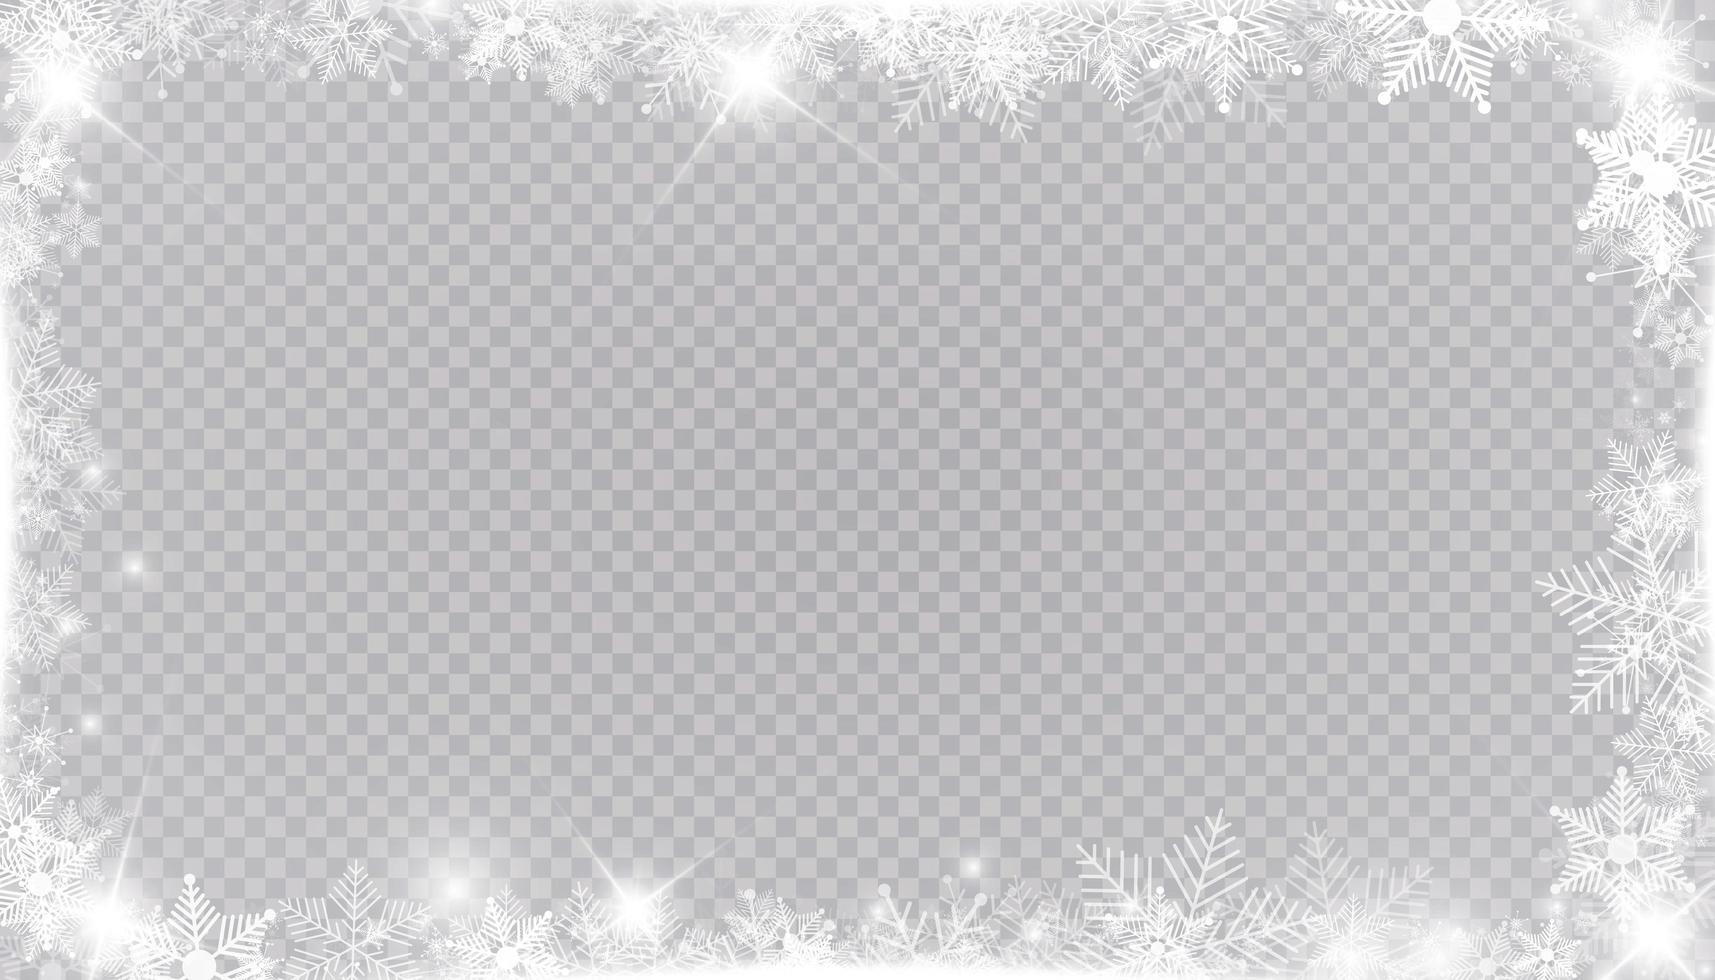 borde rectangular de marco de nieve de invierno con estrellas, destellos y copos de nieve vector